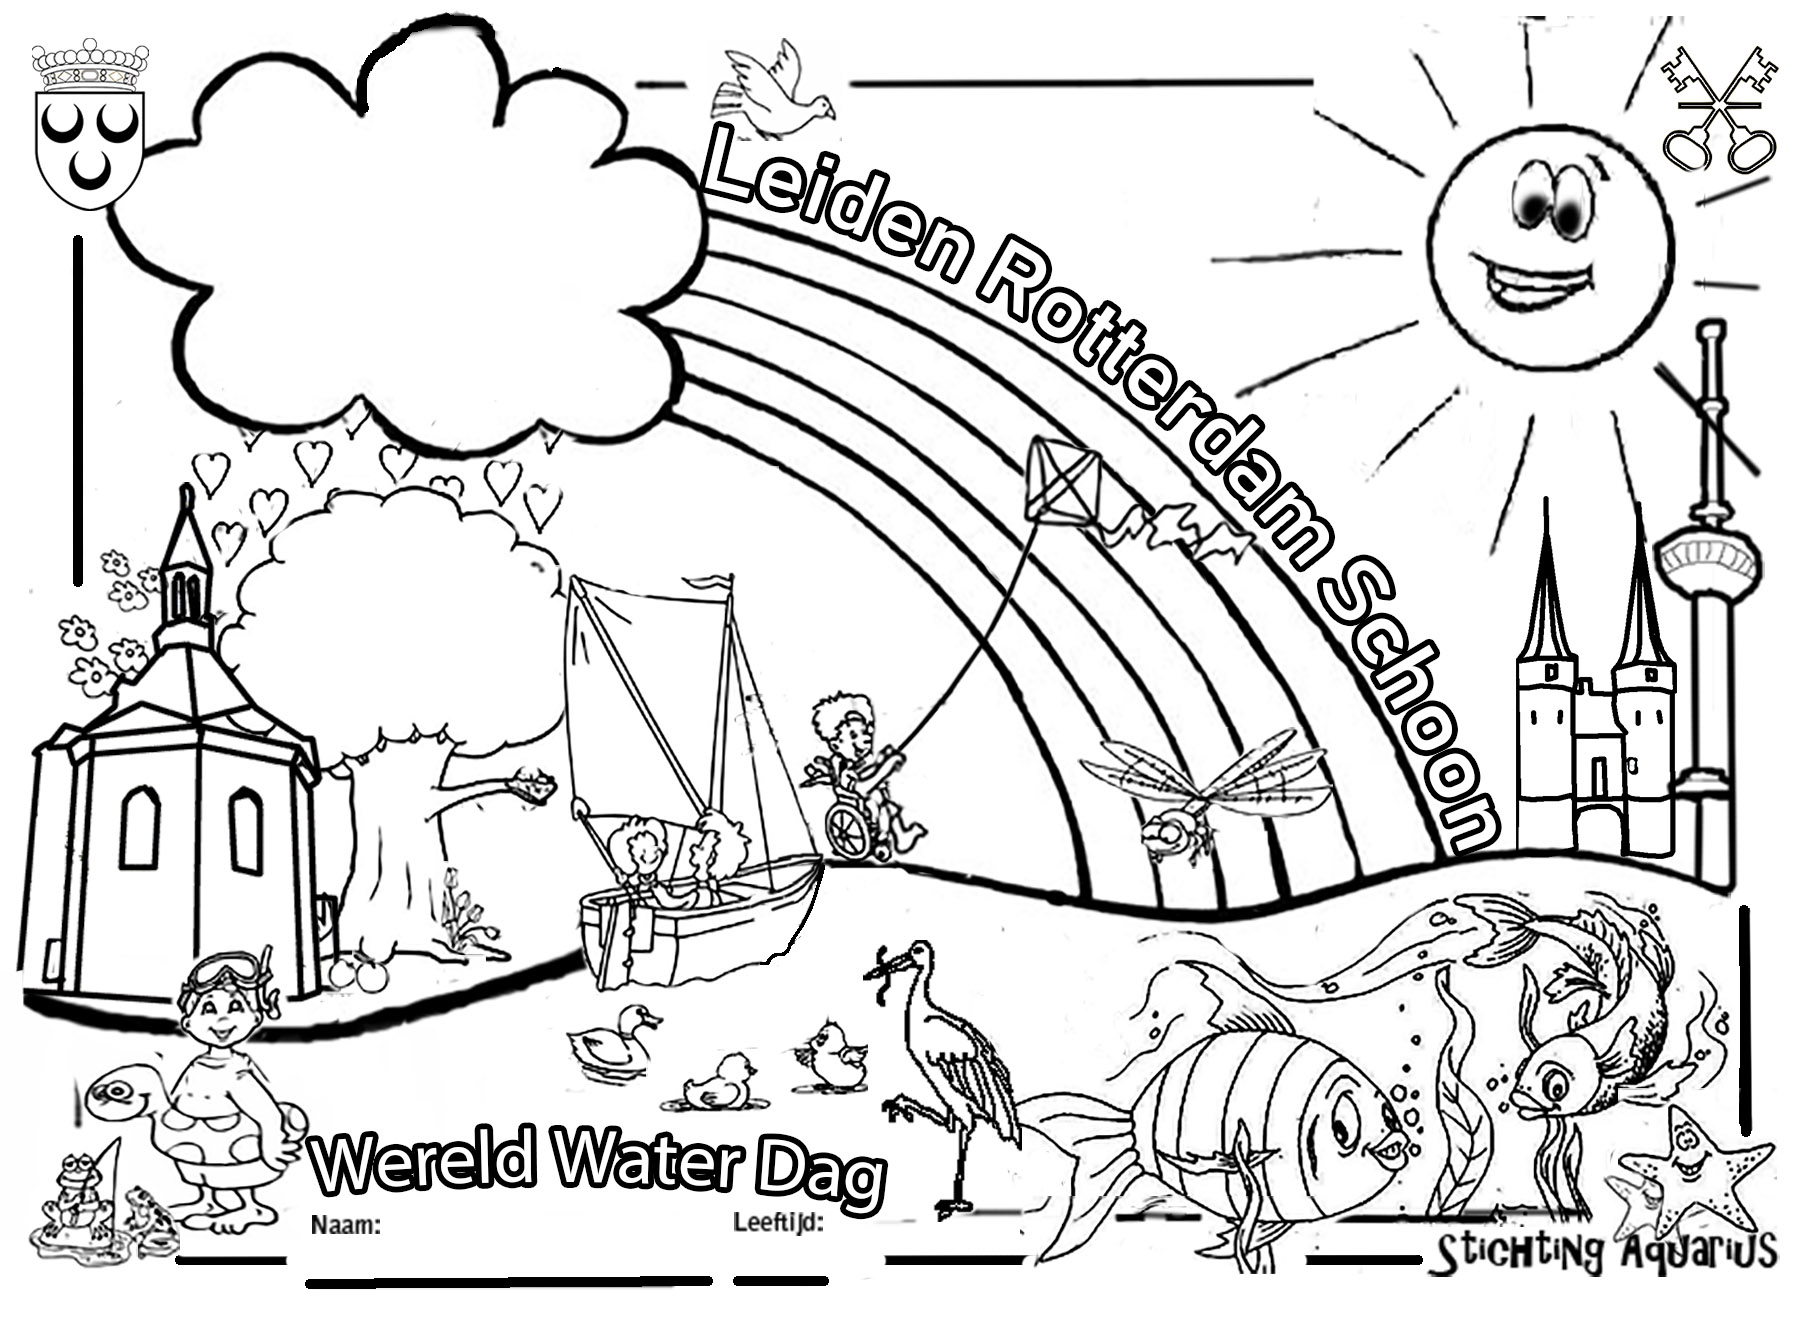 De Wereld Water Dag 2019 Kleurplaat Is Uit 12e Nationale